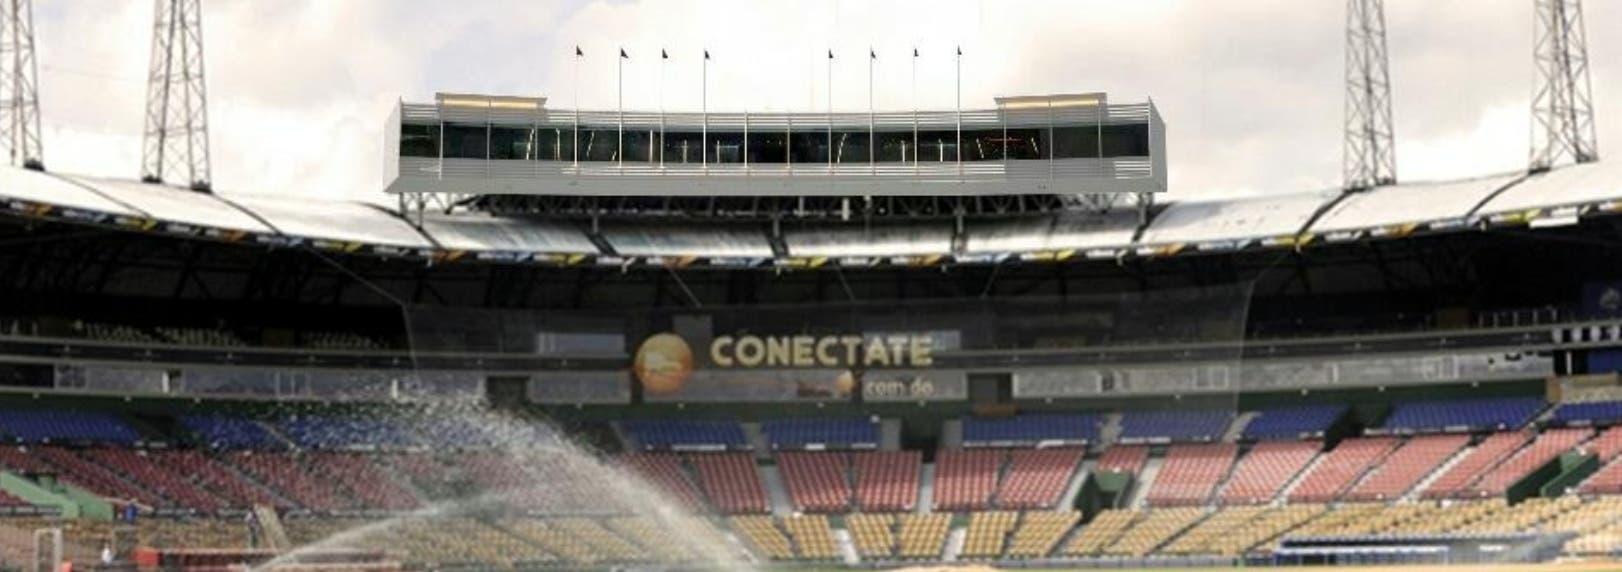 """El diseño arquitectónico del nuevo palco de prensa del estadio Quisqueya, mejor conocido como el """"séptimo cielo"""" . Foto de archivo"""